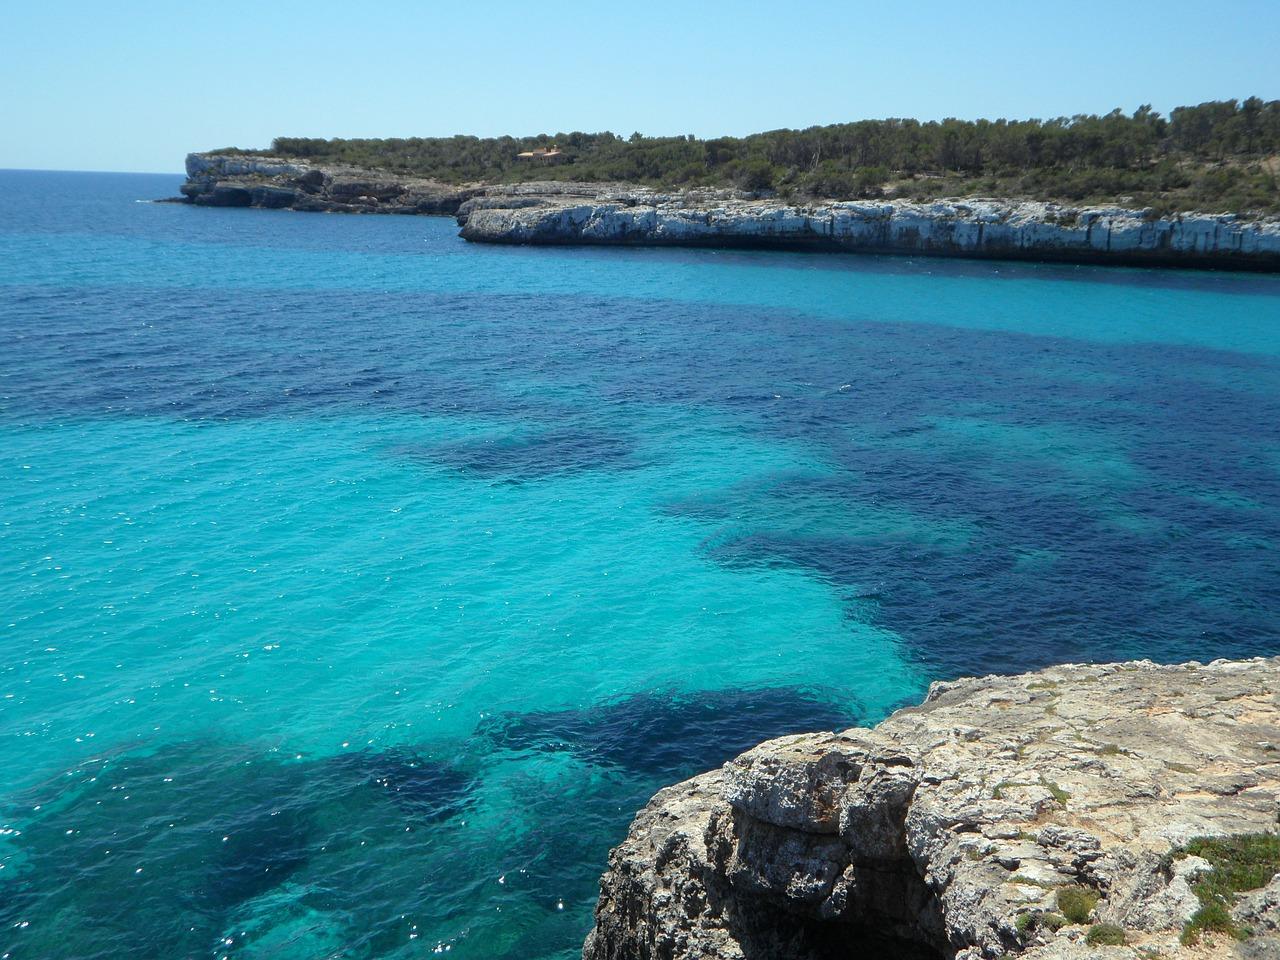 Mittelmeer von seiner schönsten Seite, bei den Preisen macht Urlaub erst besonders spaß